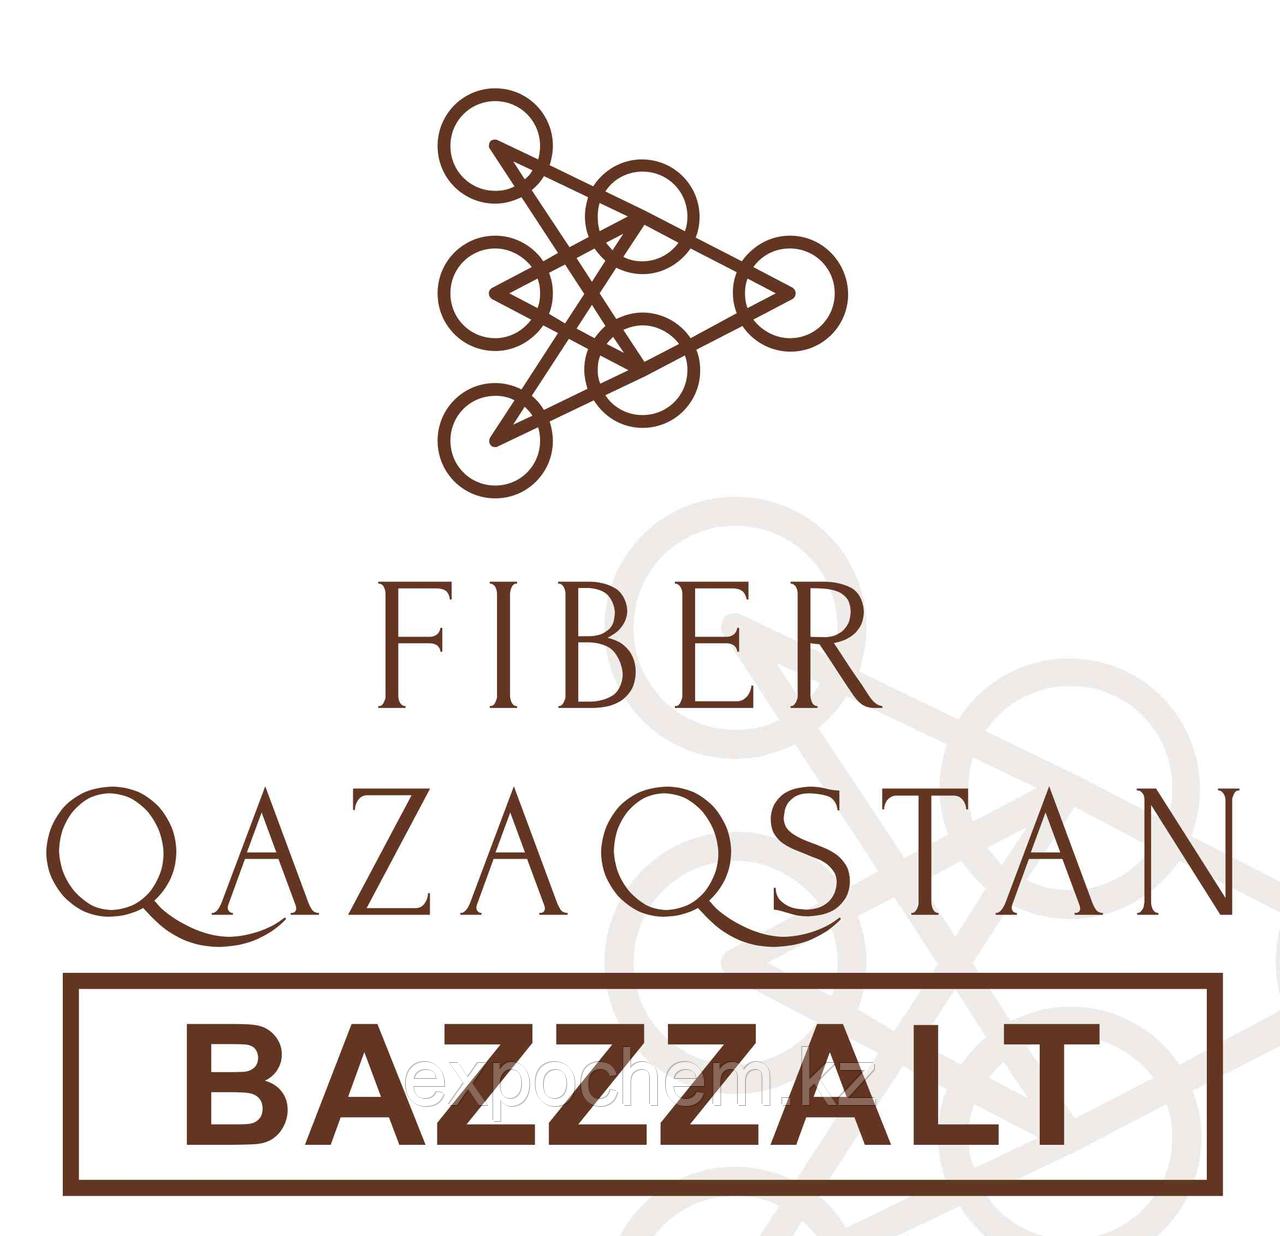 Базальтовое фиброволокно Fiber BAZZZALT